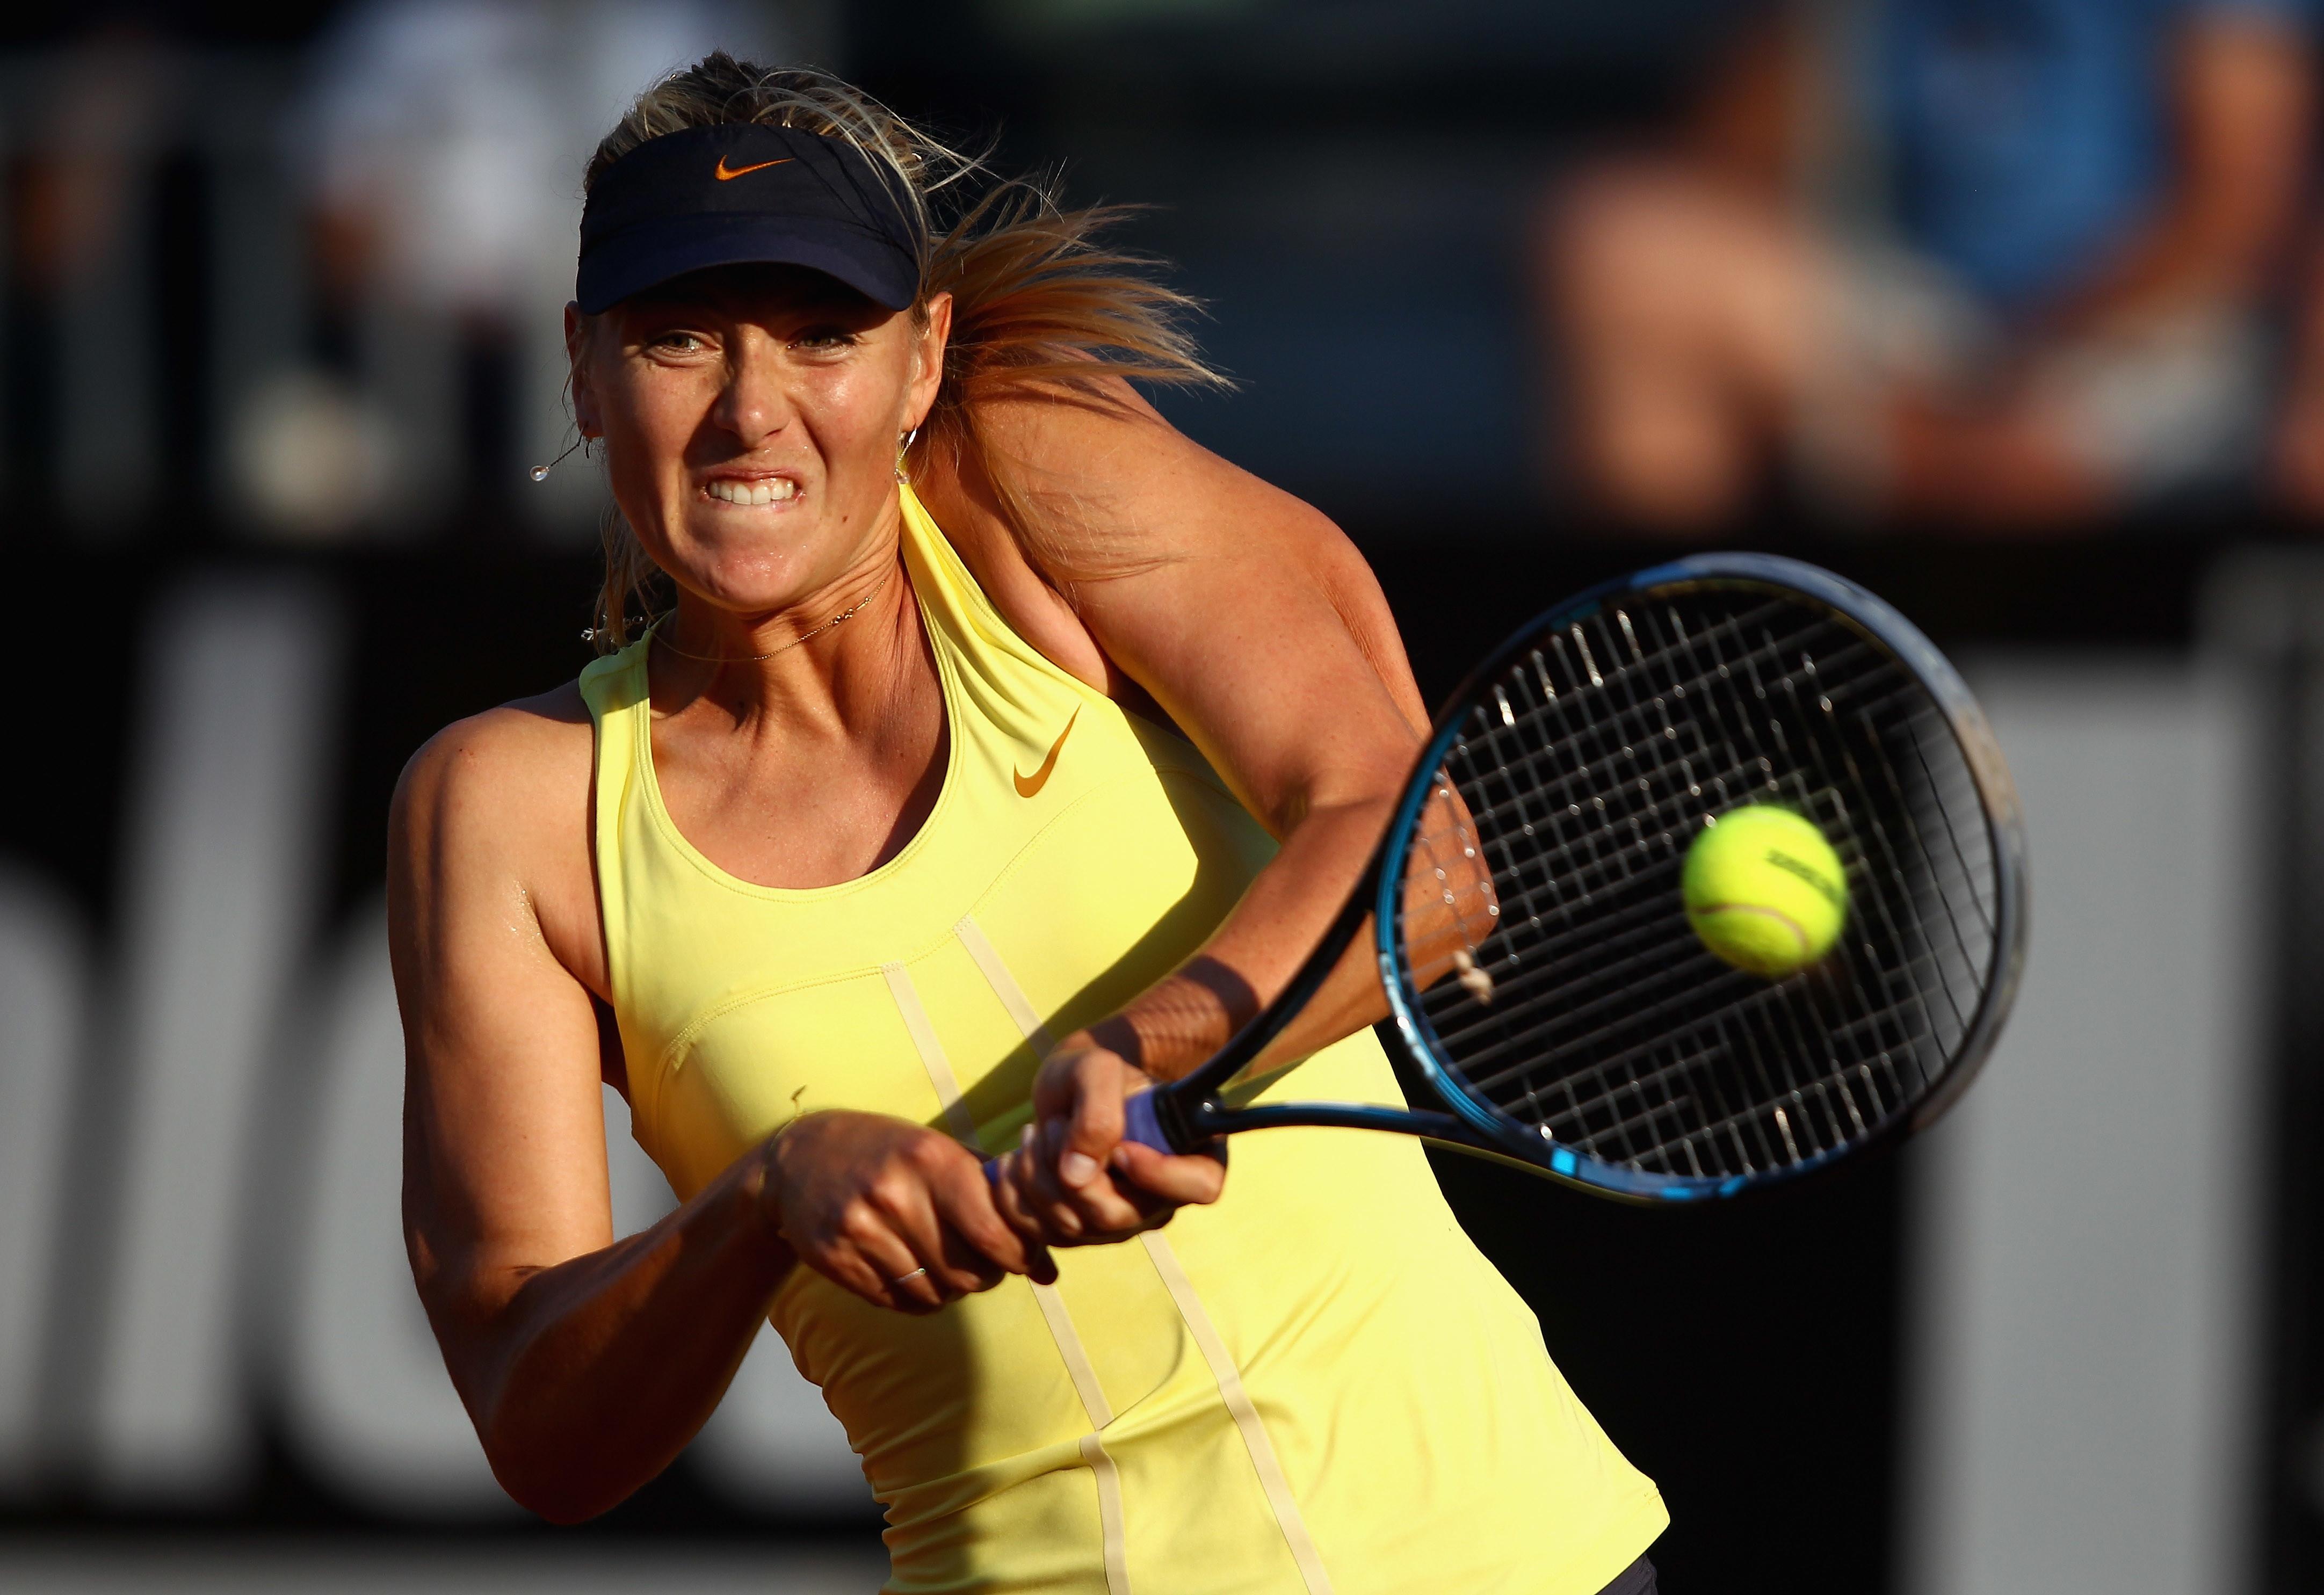 Le ultime edizioni del torneo hanno incoronato regina Maria Sharapova, che nel 2011 ha sconfitto in finale Samantha Stosur, finalista l'anno prima al Roland Garros, e nel 2012 la cinese Na Li.